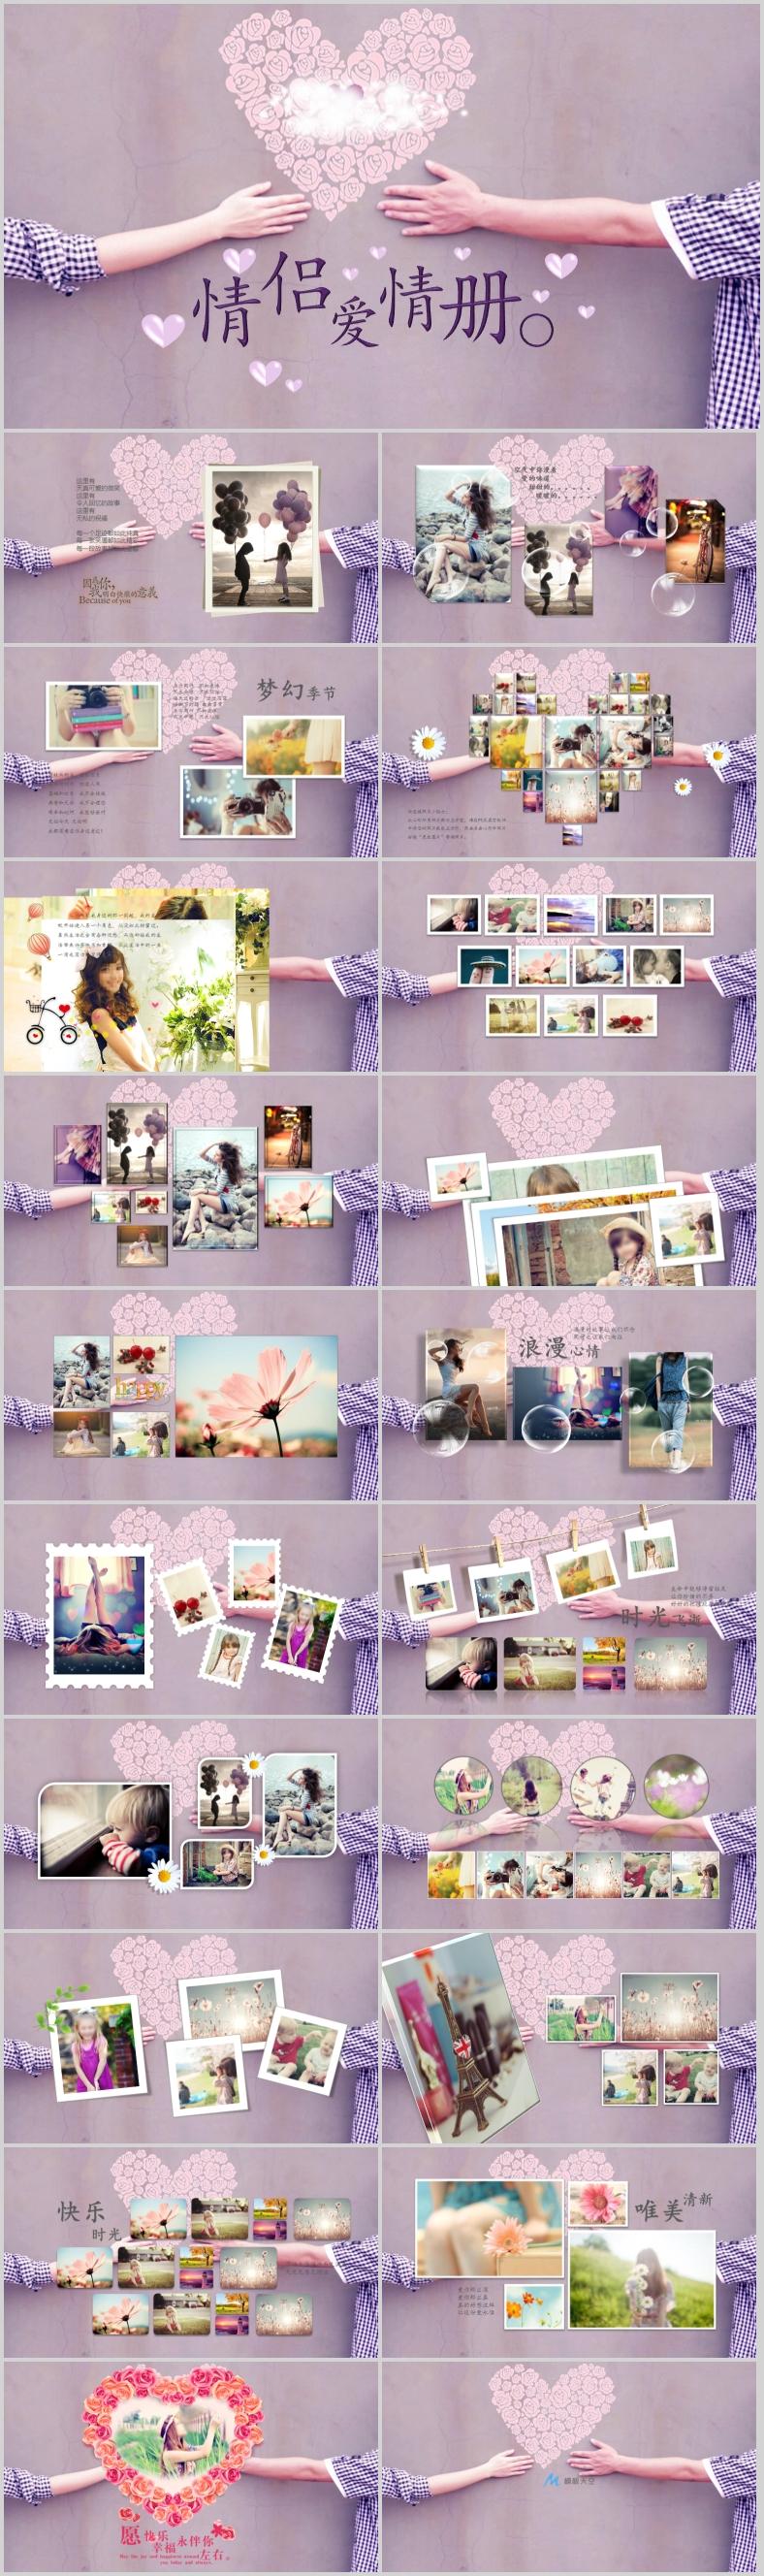 唯美梦幻的粉红色爱心爱情照片集展示PPT模板